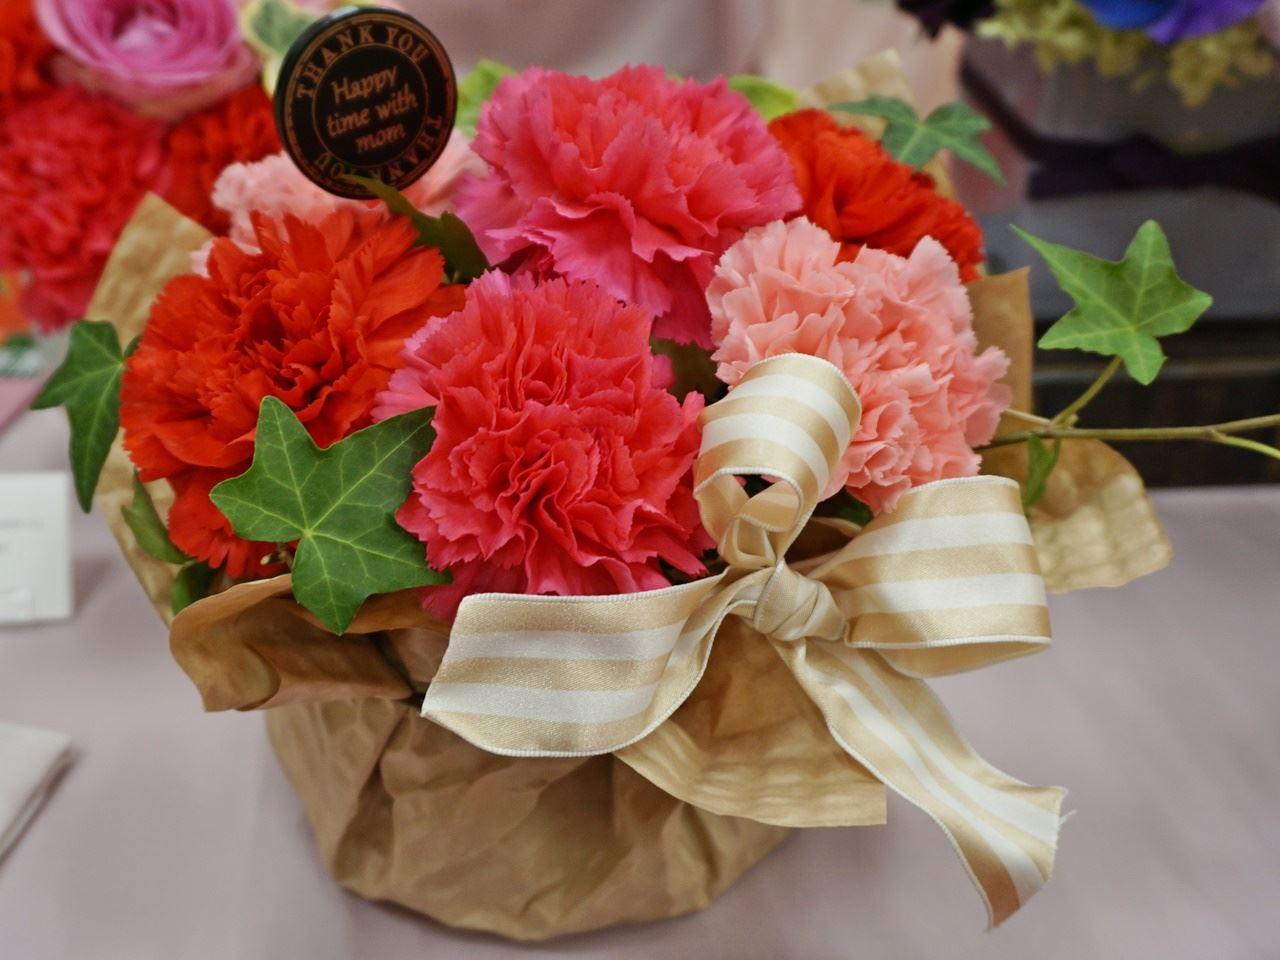 【日比谷花壇】母の日 生花のアレンジメント「シェールママン ピンク」